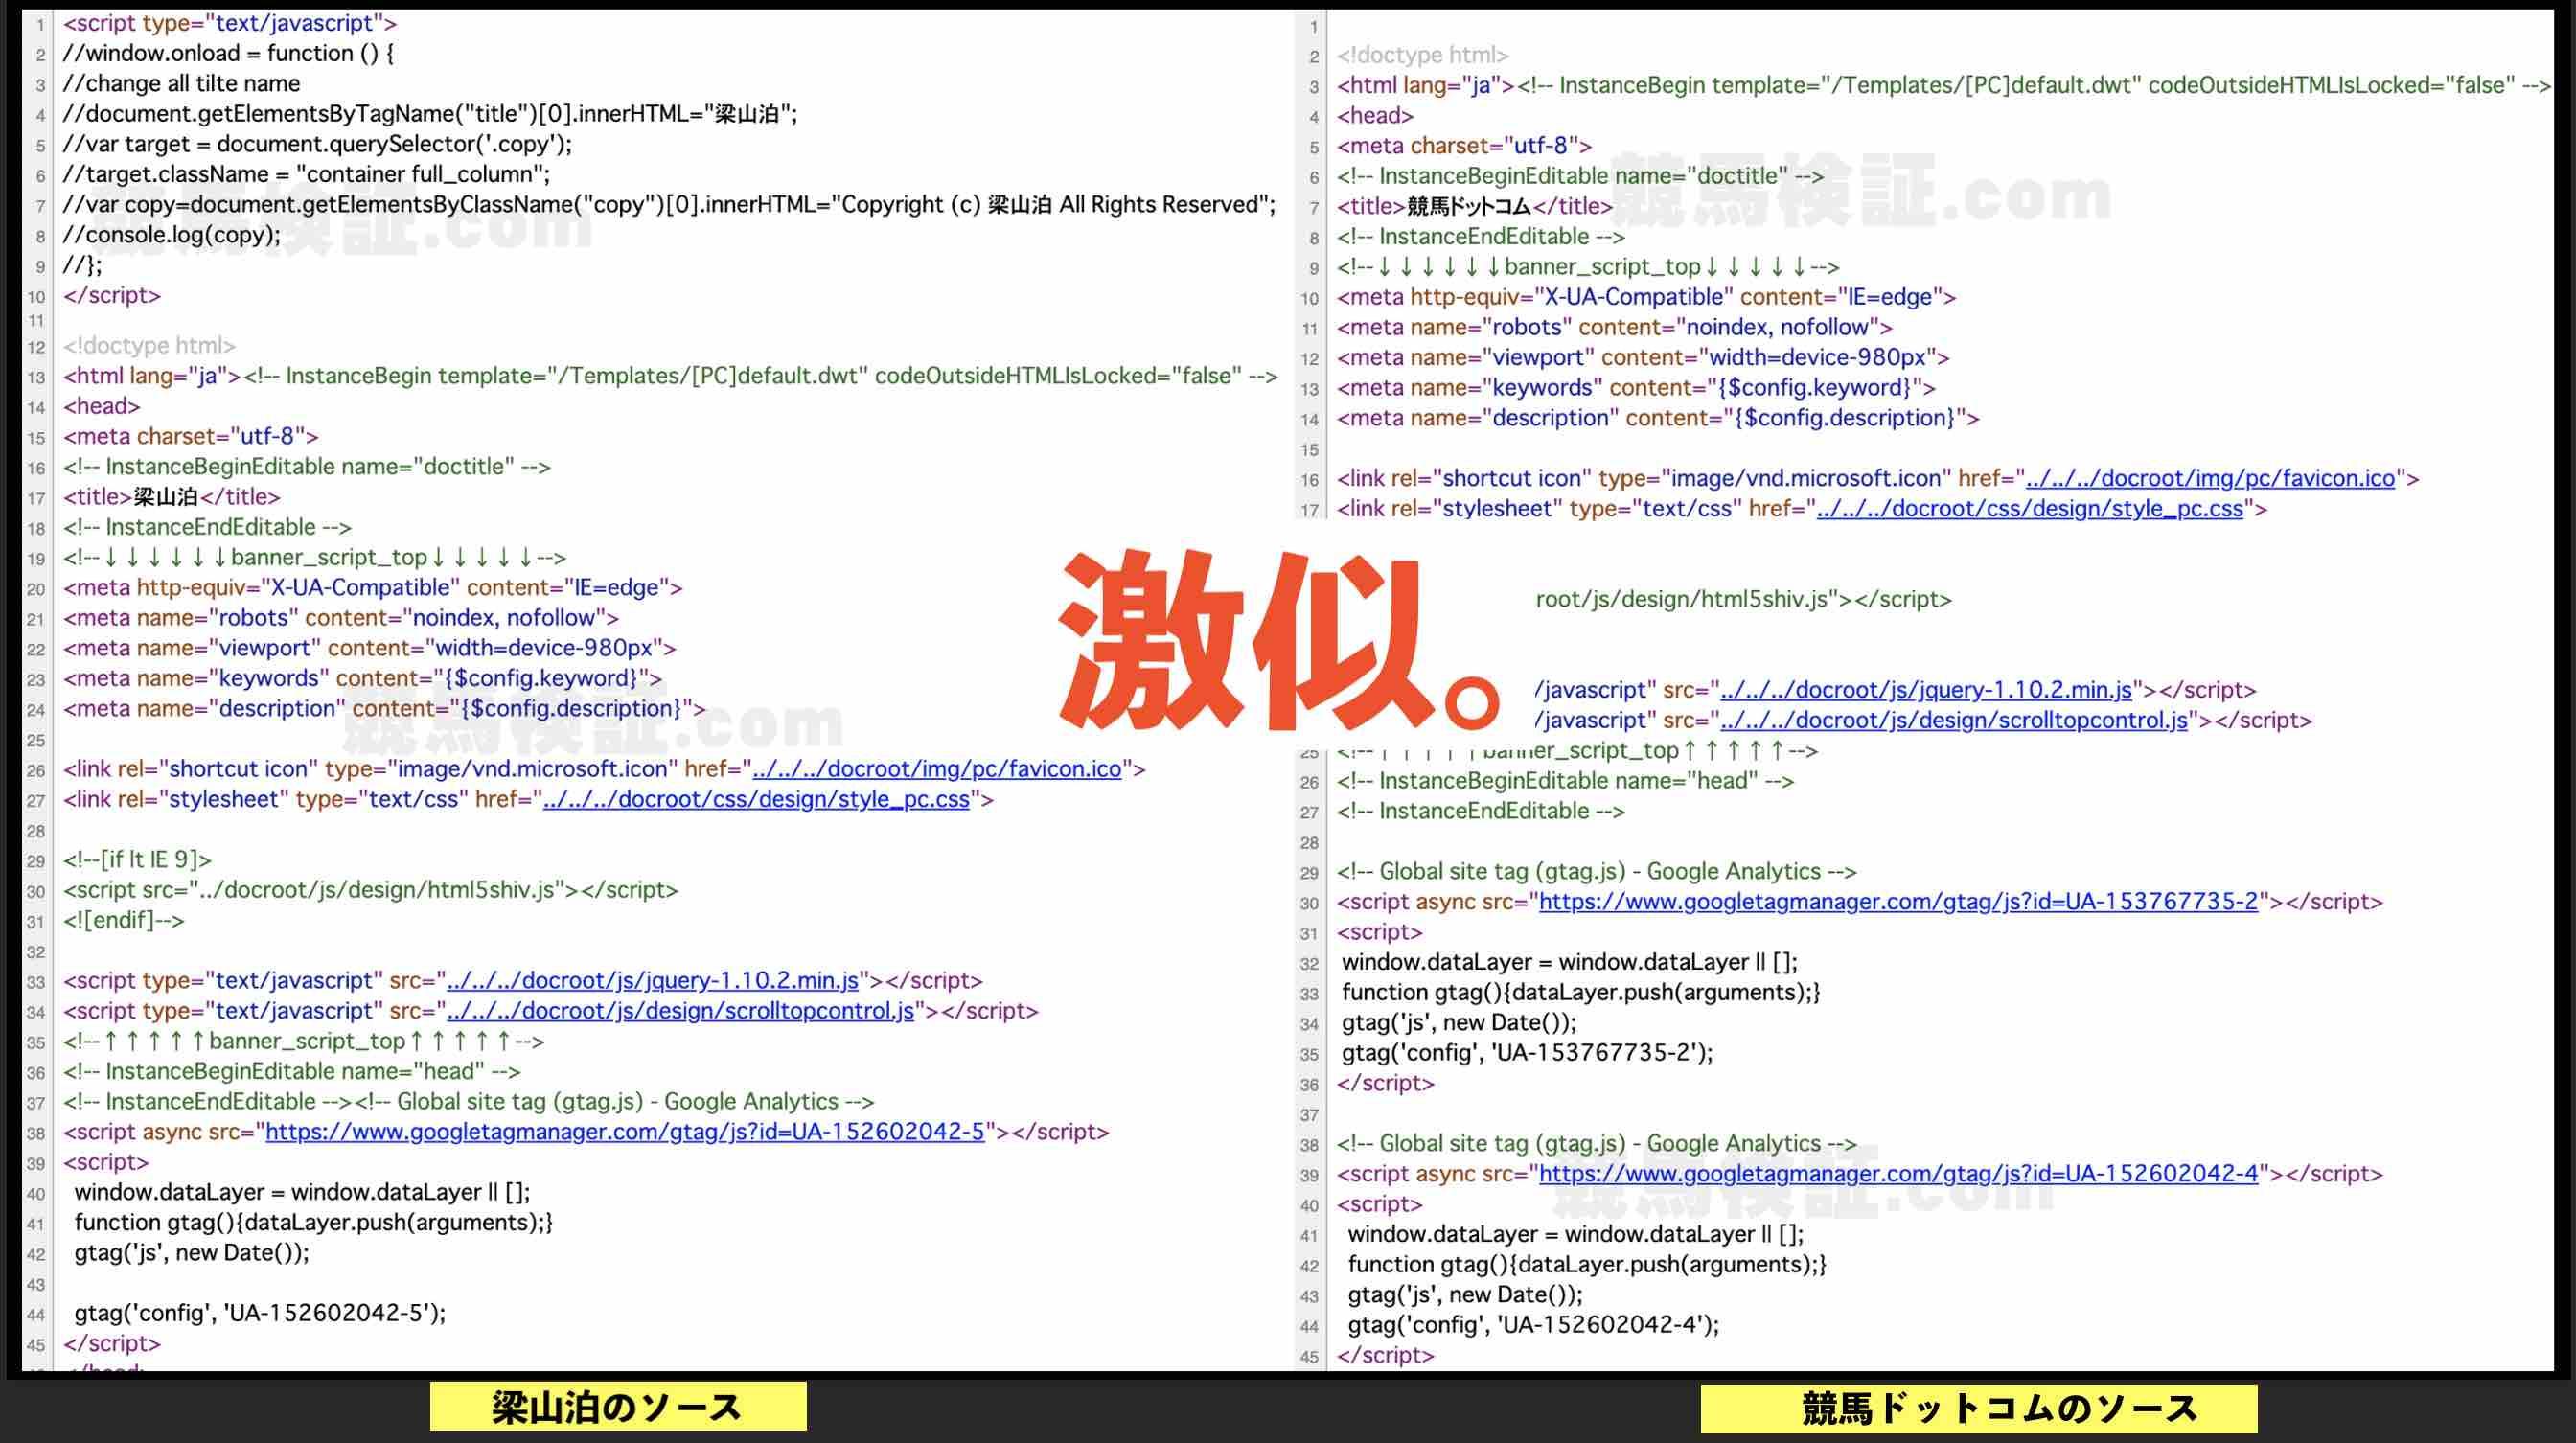 梁山泊という競馬予想サイトとそっくりな競馬.comとソースを見比べた